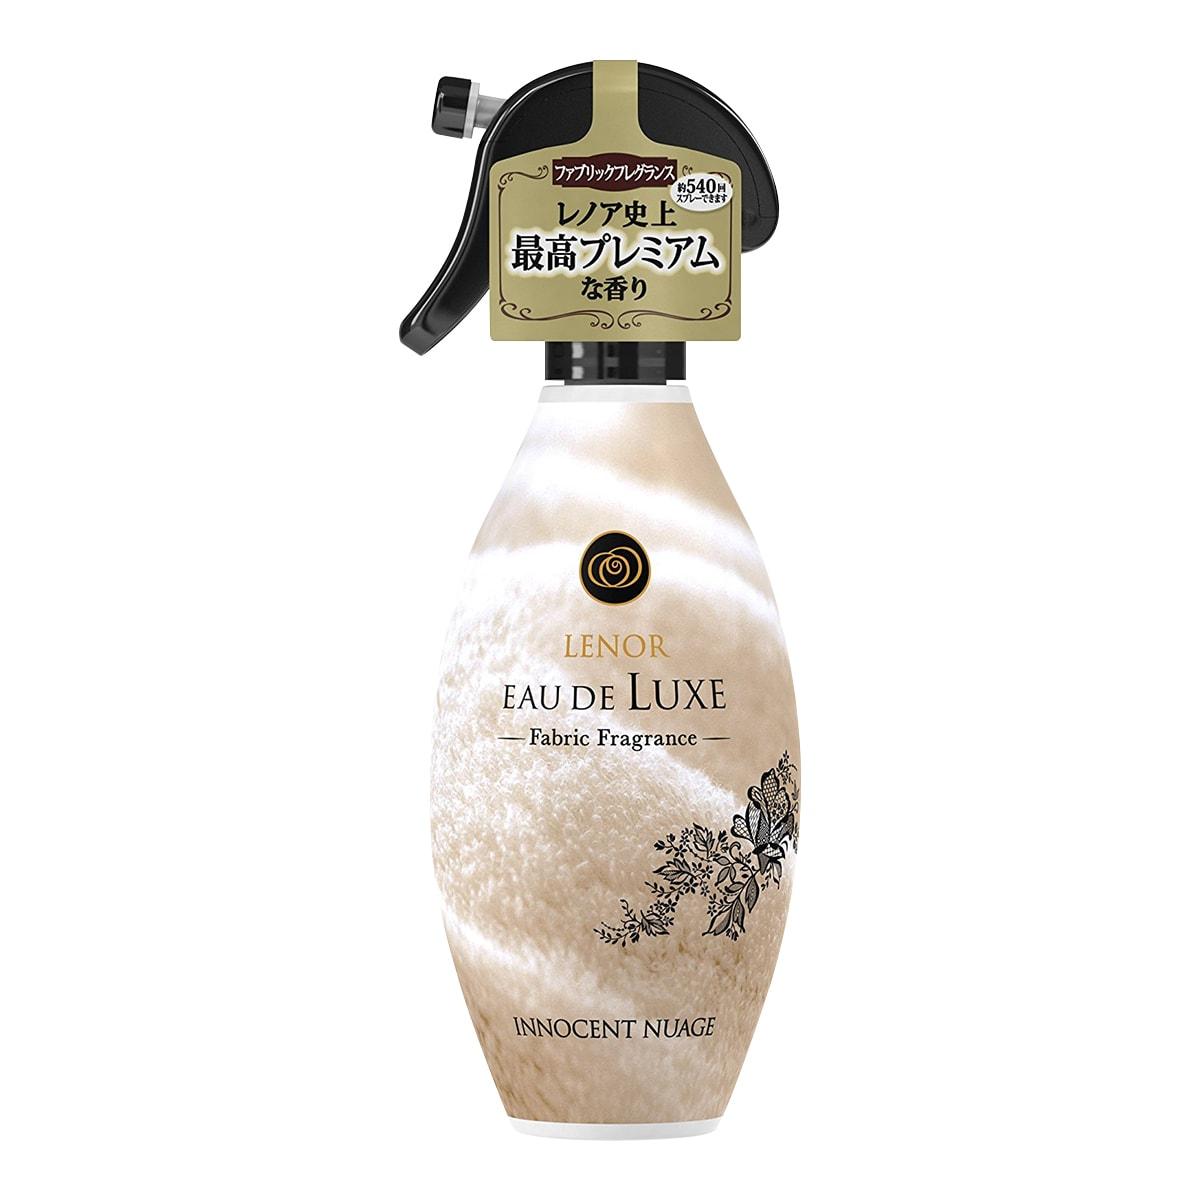 日本P&G宝洁 衣物香水芳香喷雾 #梦幻宝石香味 280ml COSME大赏第一位